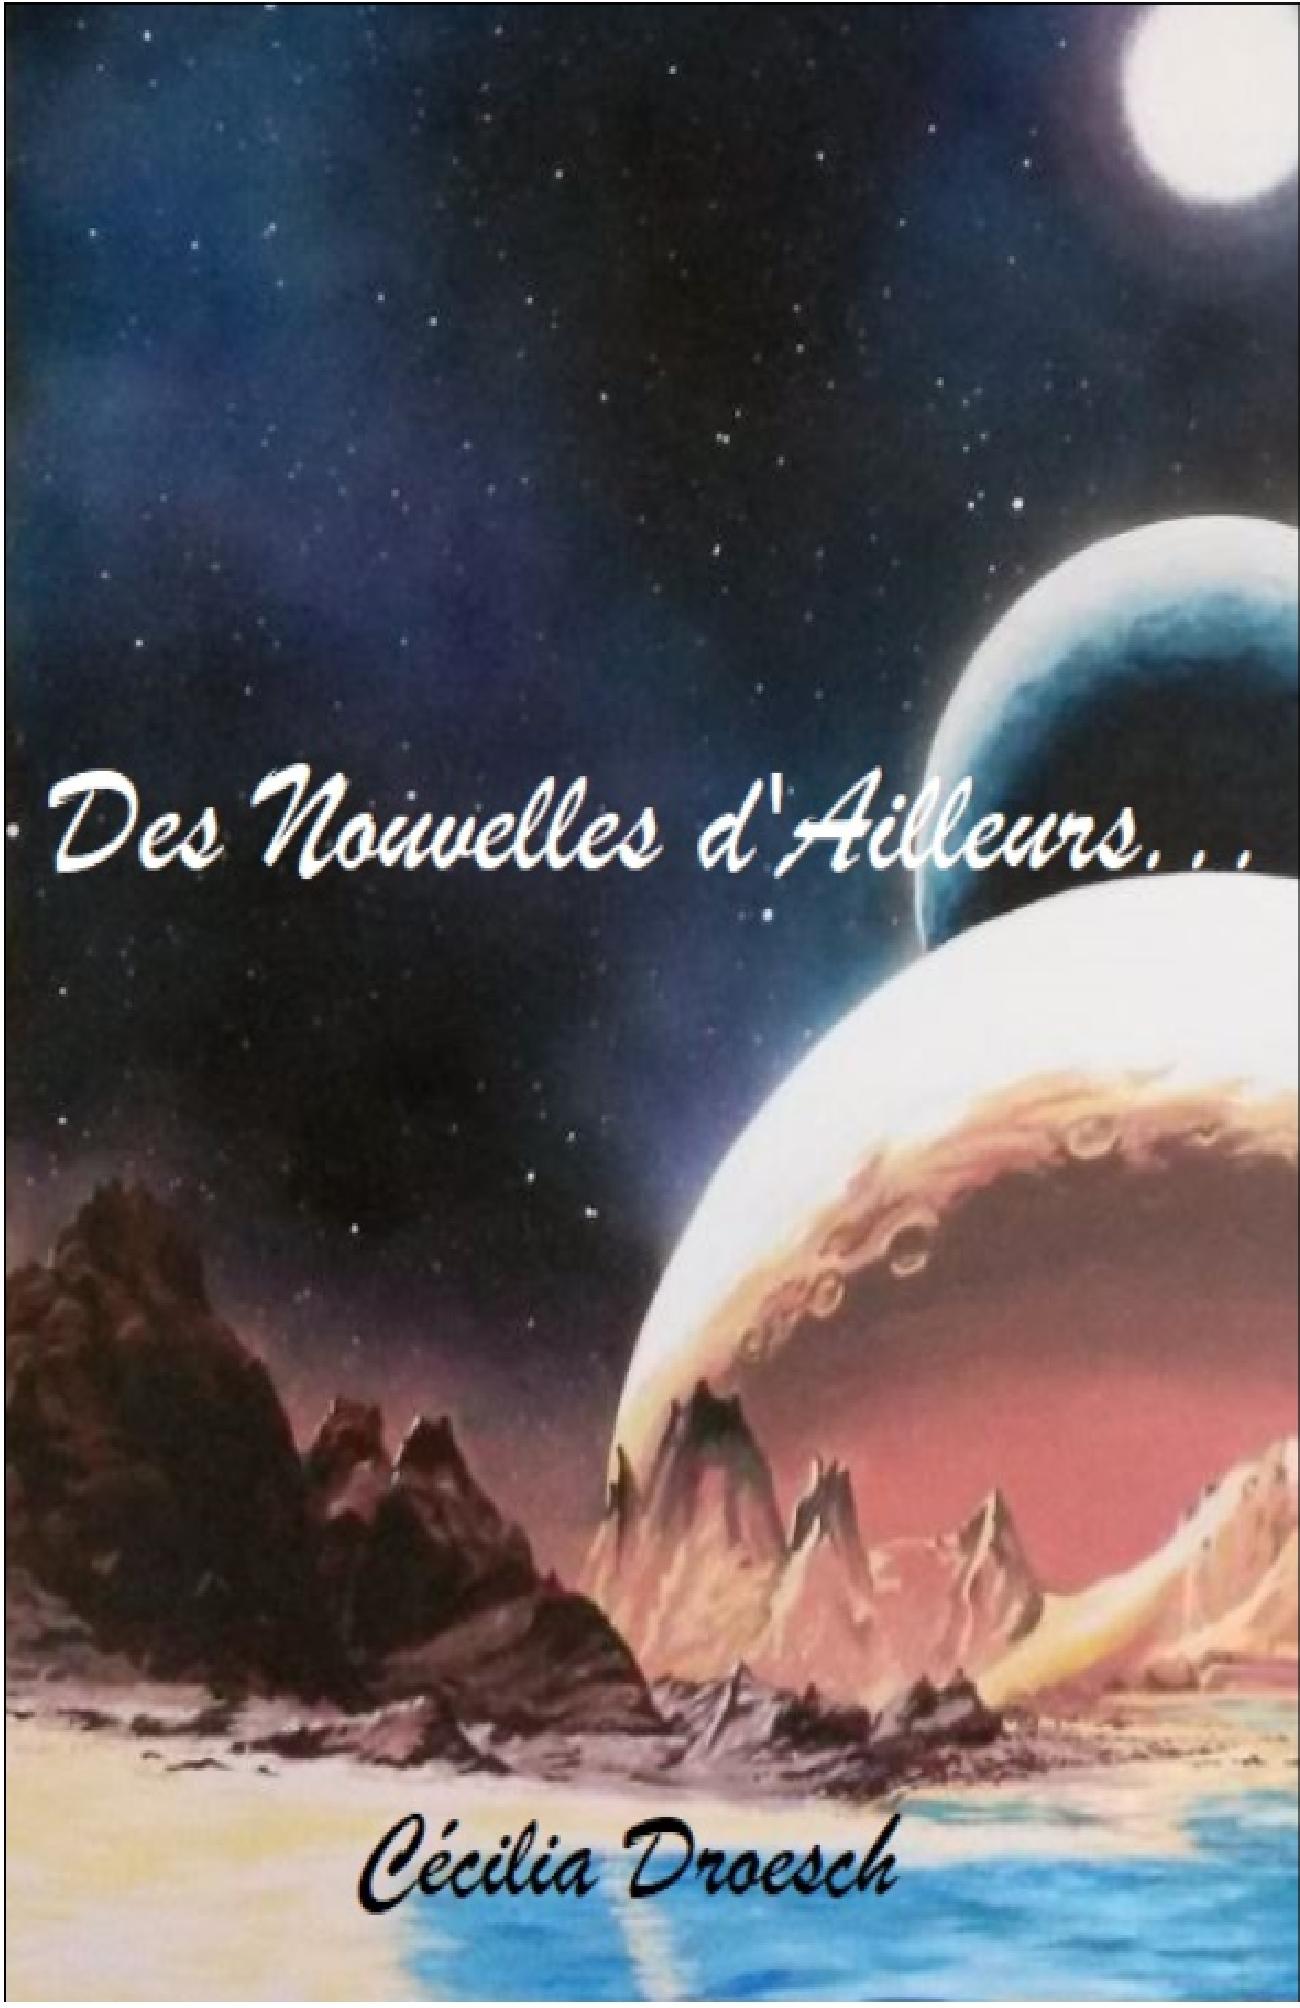 Des Nouvelles d'Ailleurs...